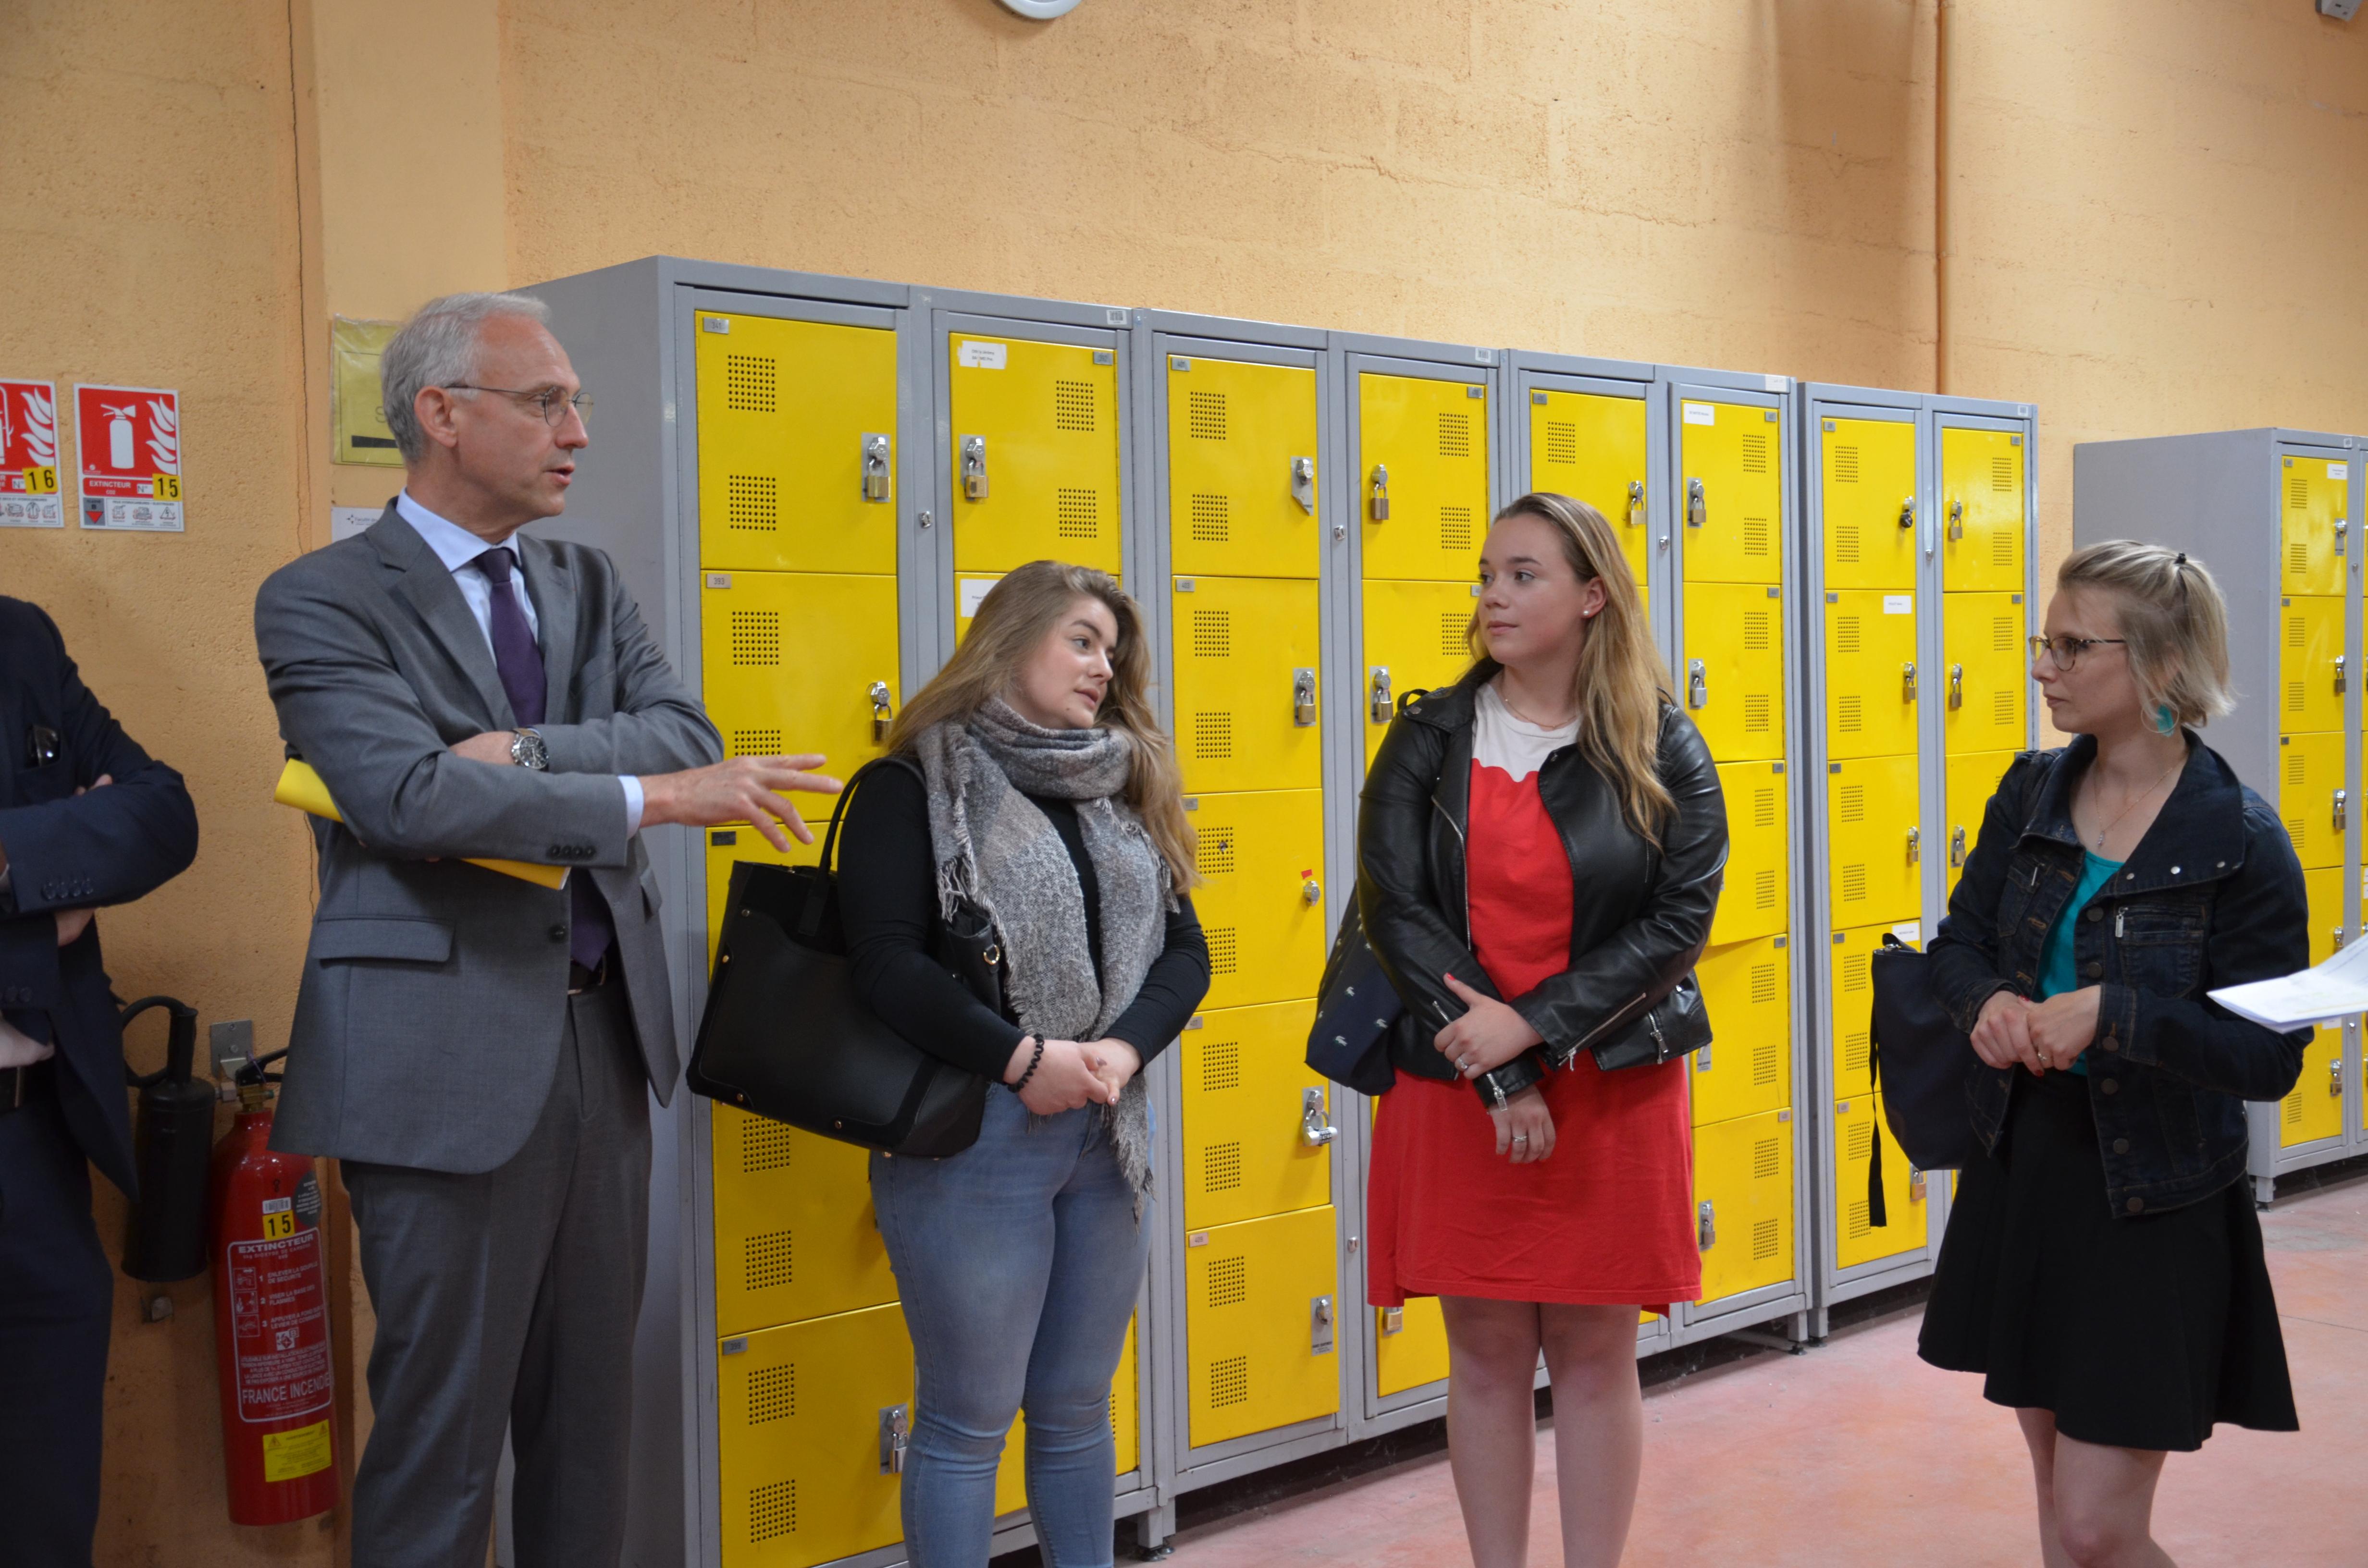 Le préfet de l'Essonne rencontre des apprenties du site de Bondoufle